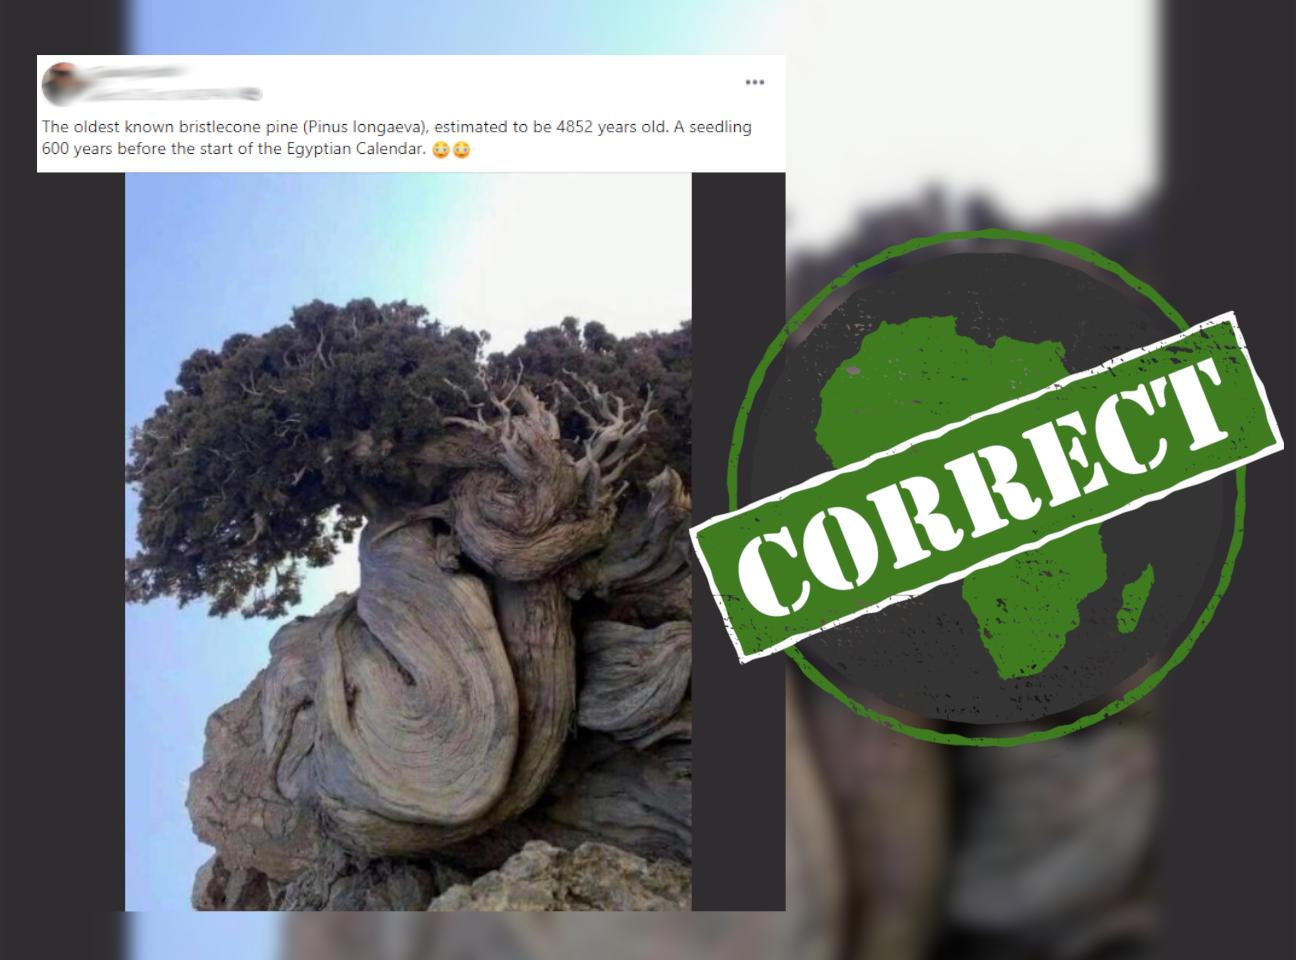 Tree_Correct